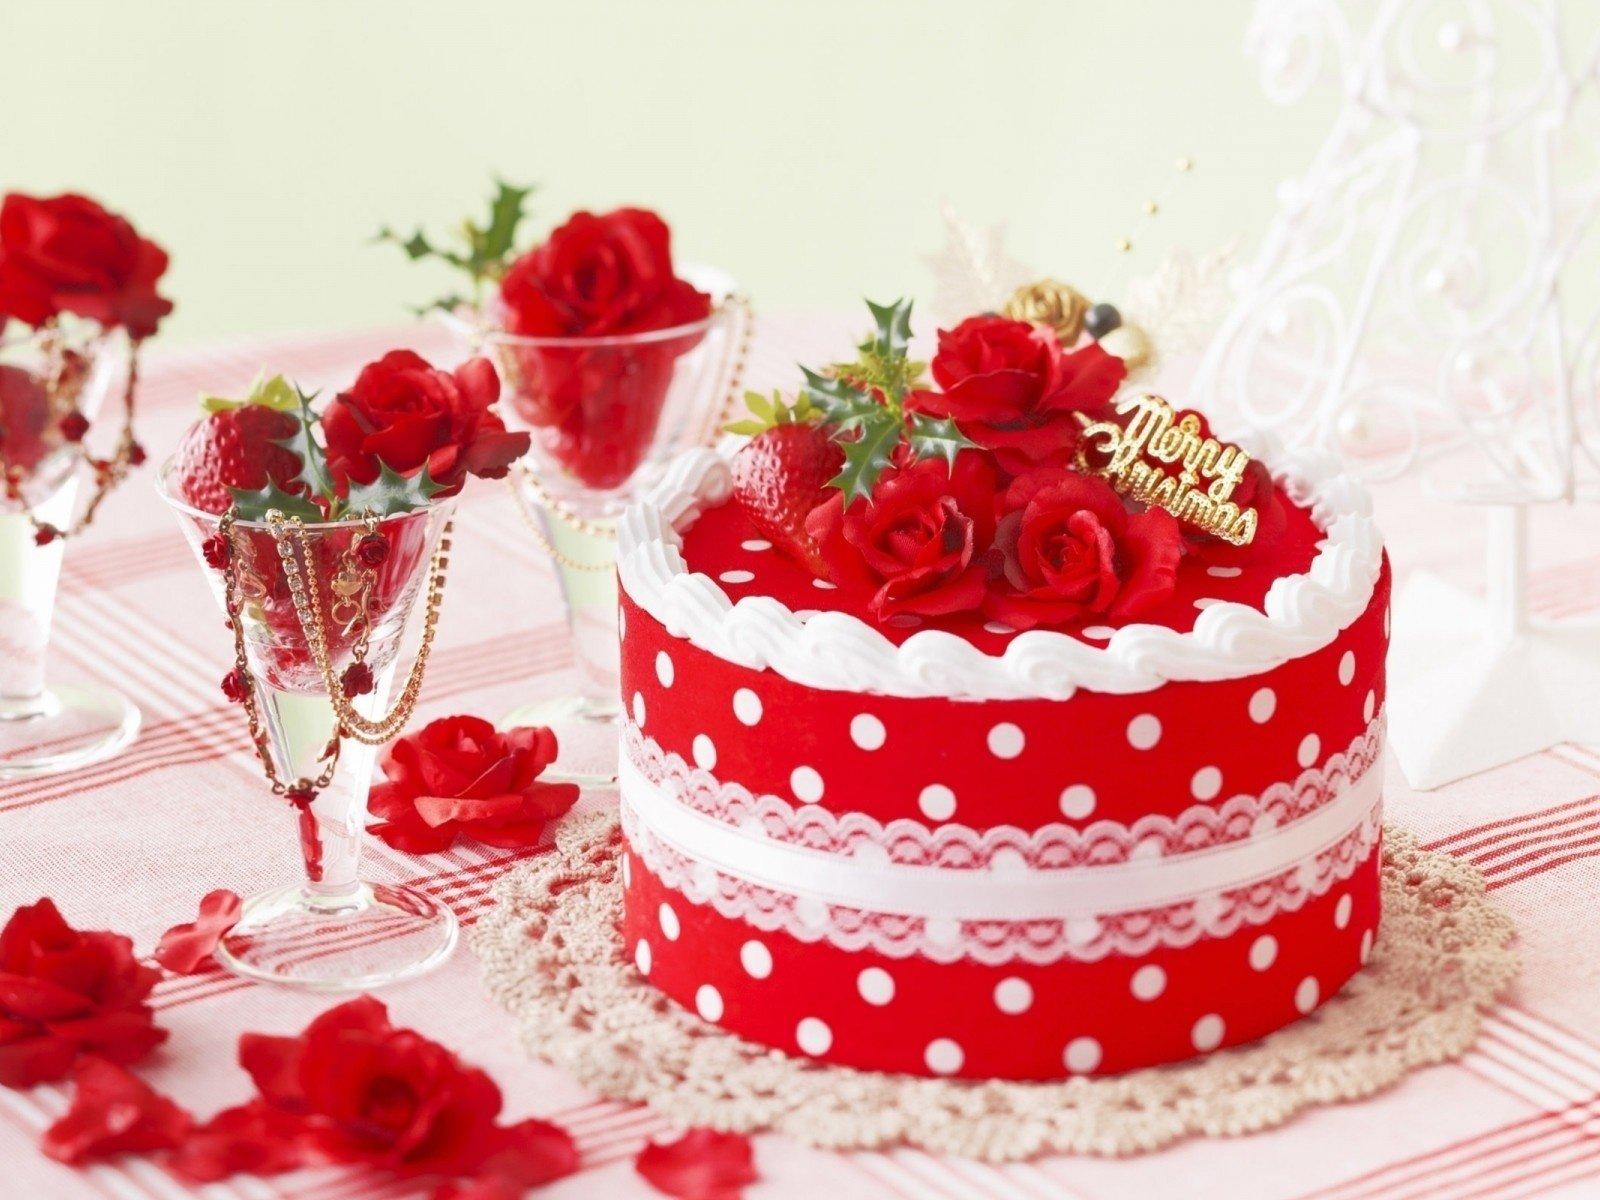 Месяцами мальчика, открытки с днем рождения с тортом женщине красивые